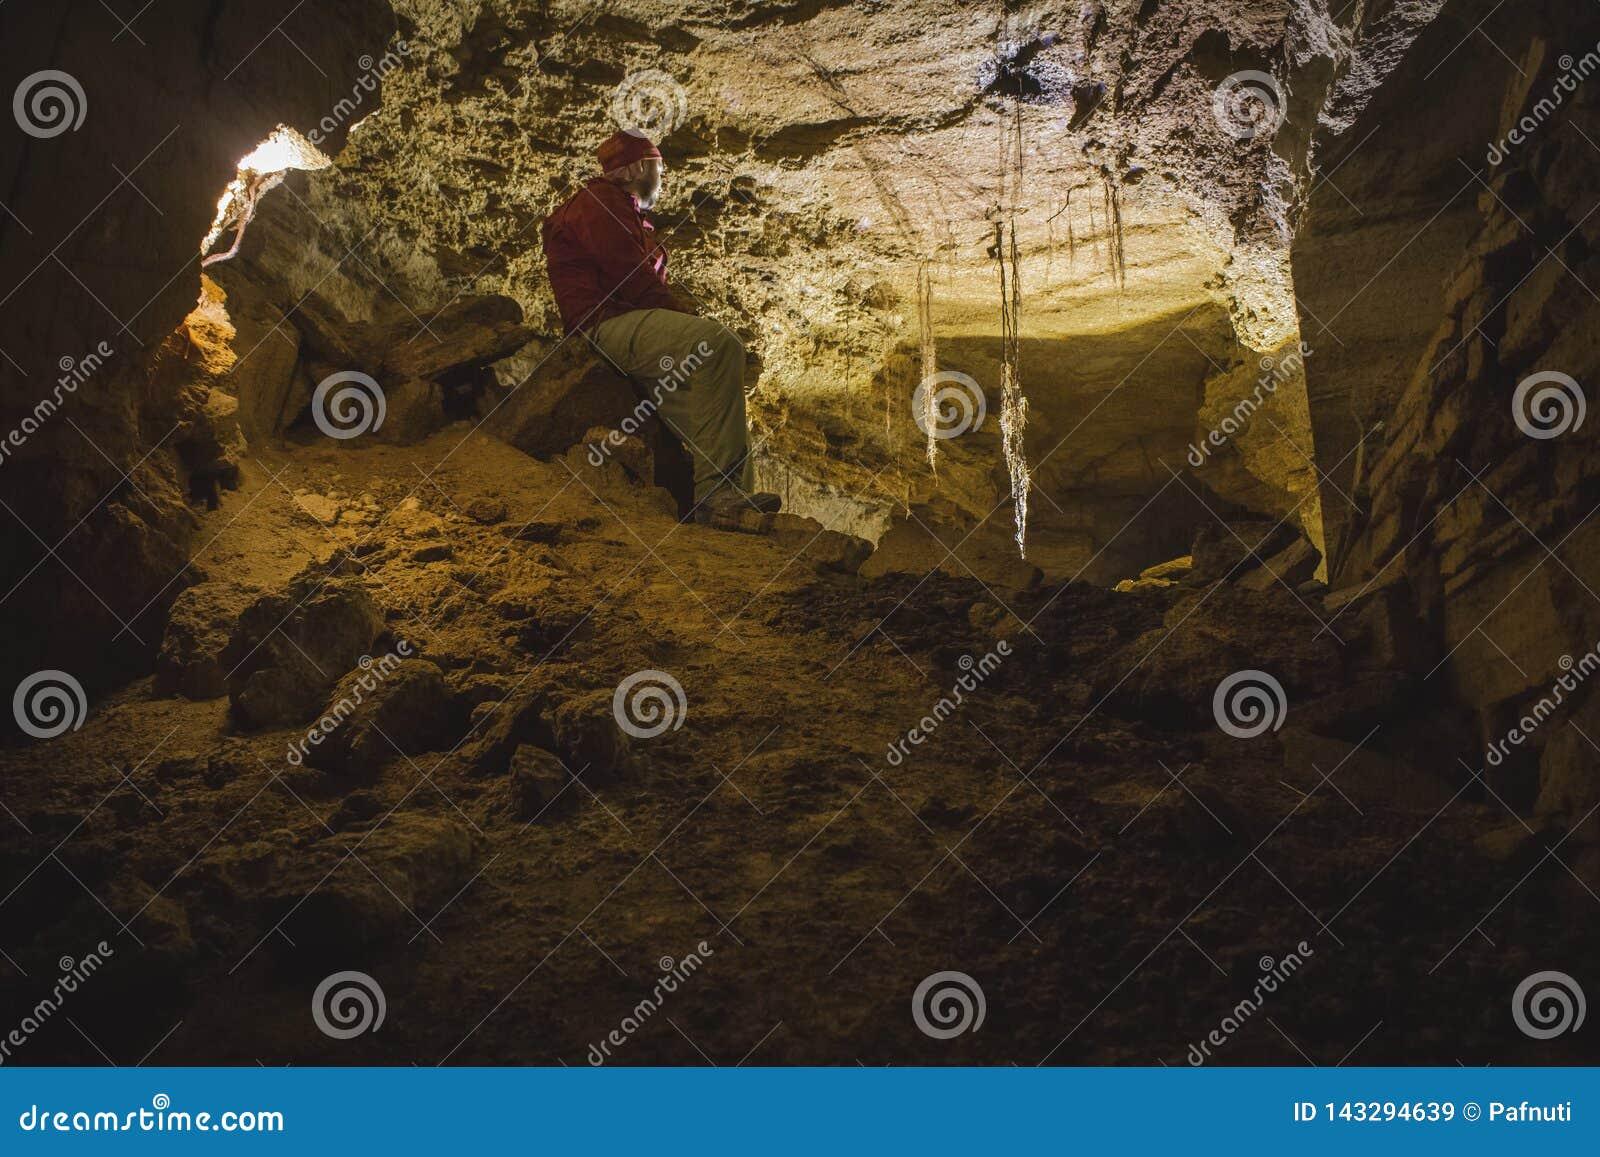 Um caver explora uma caverna com uma lanterna Odessa Catacombs, Ucrânia